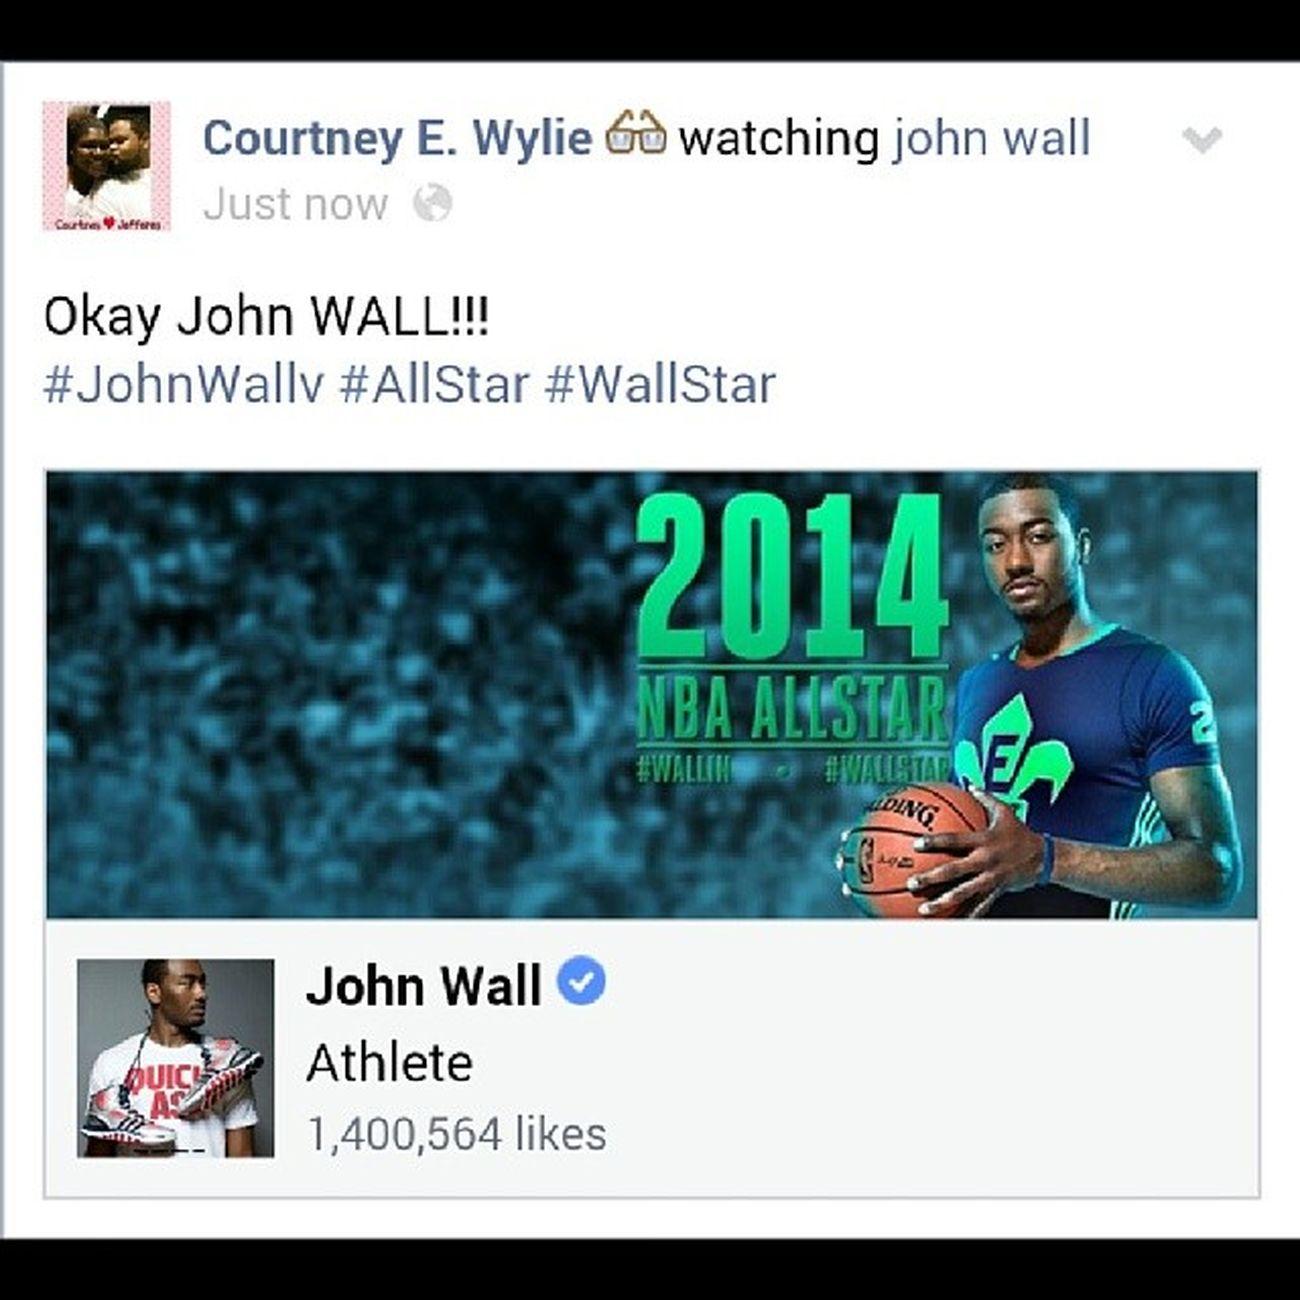 JohnWall Allstar WallStar DunkConstest NbaAllStarWeekend AllStarSaturday